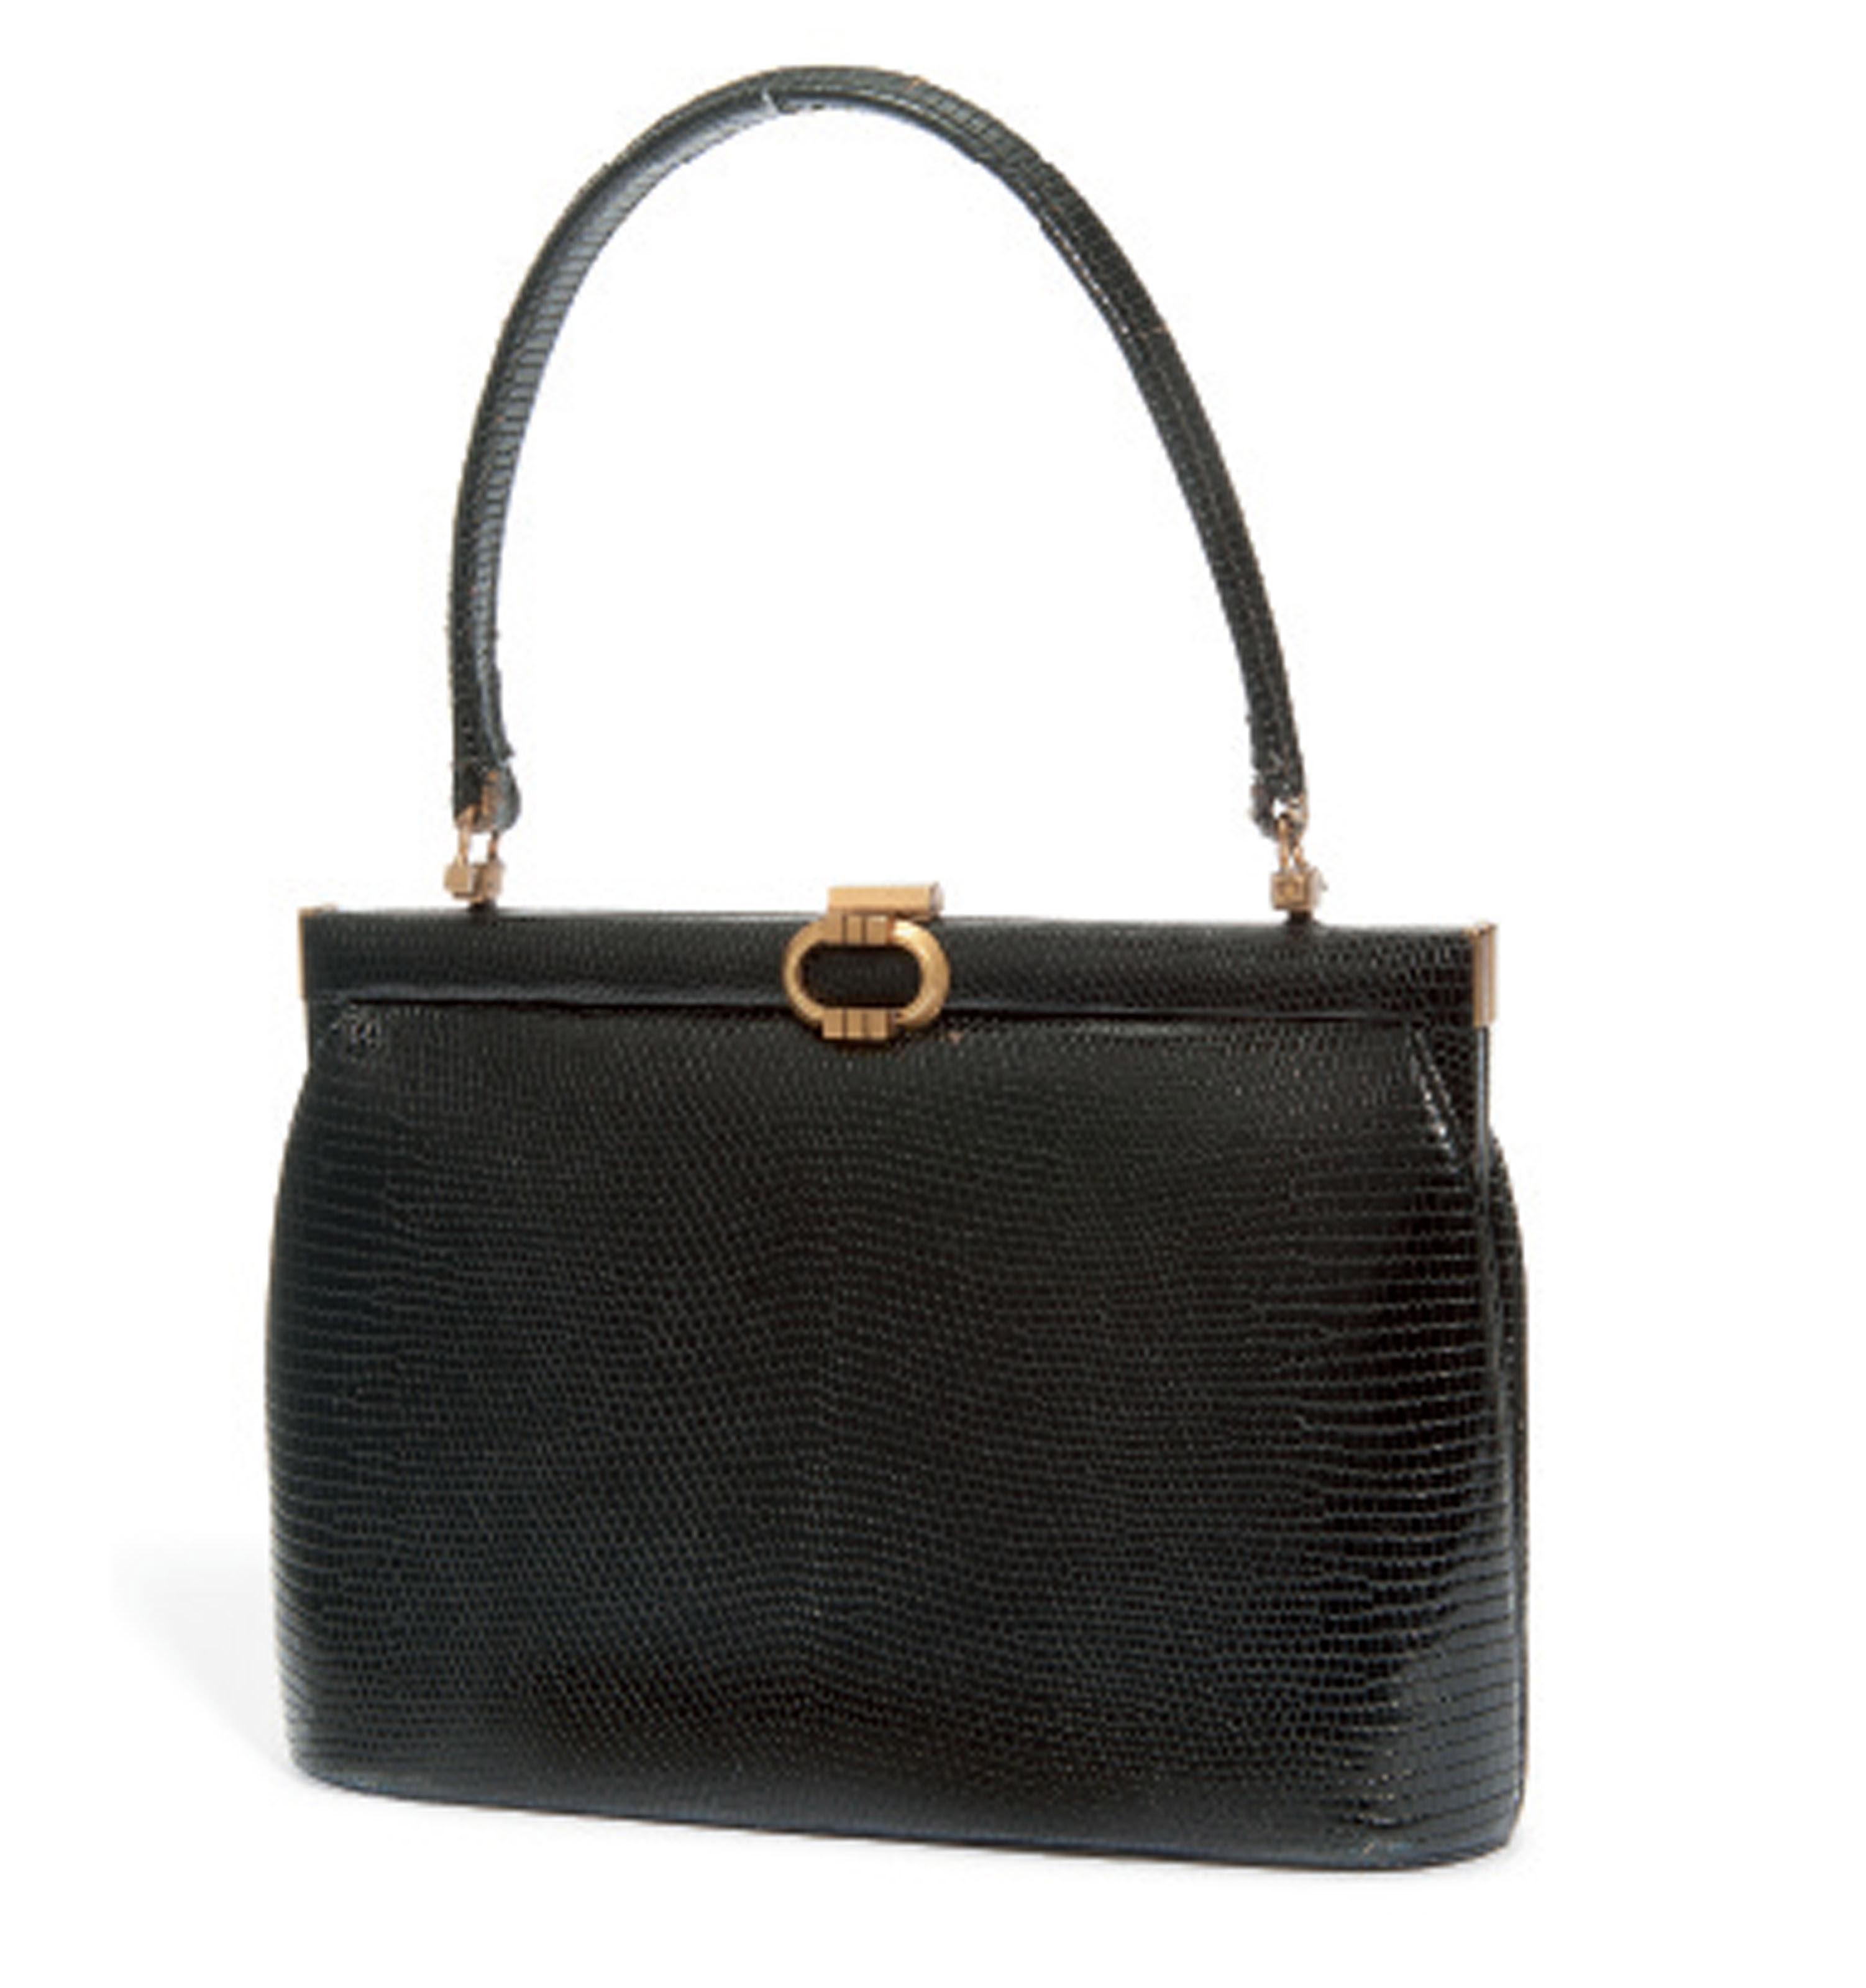 A BLACK LIZARD BAG